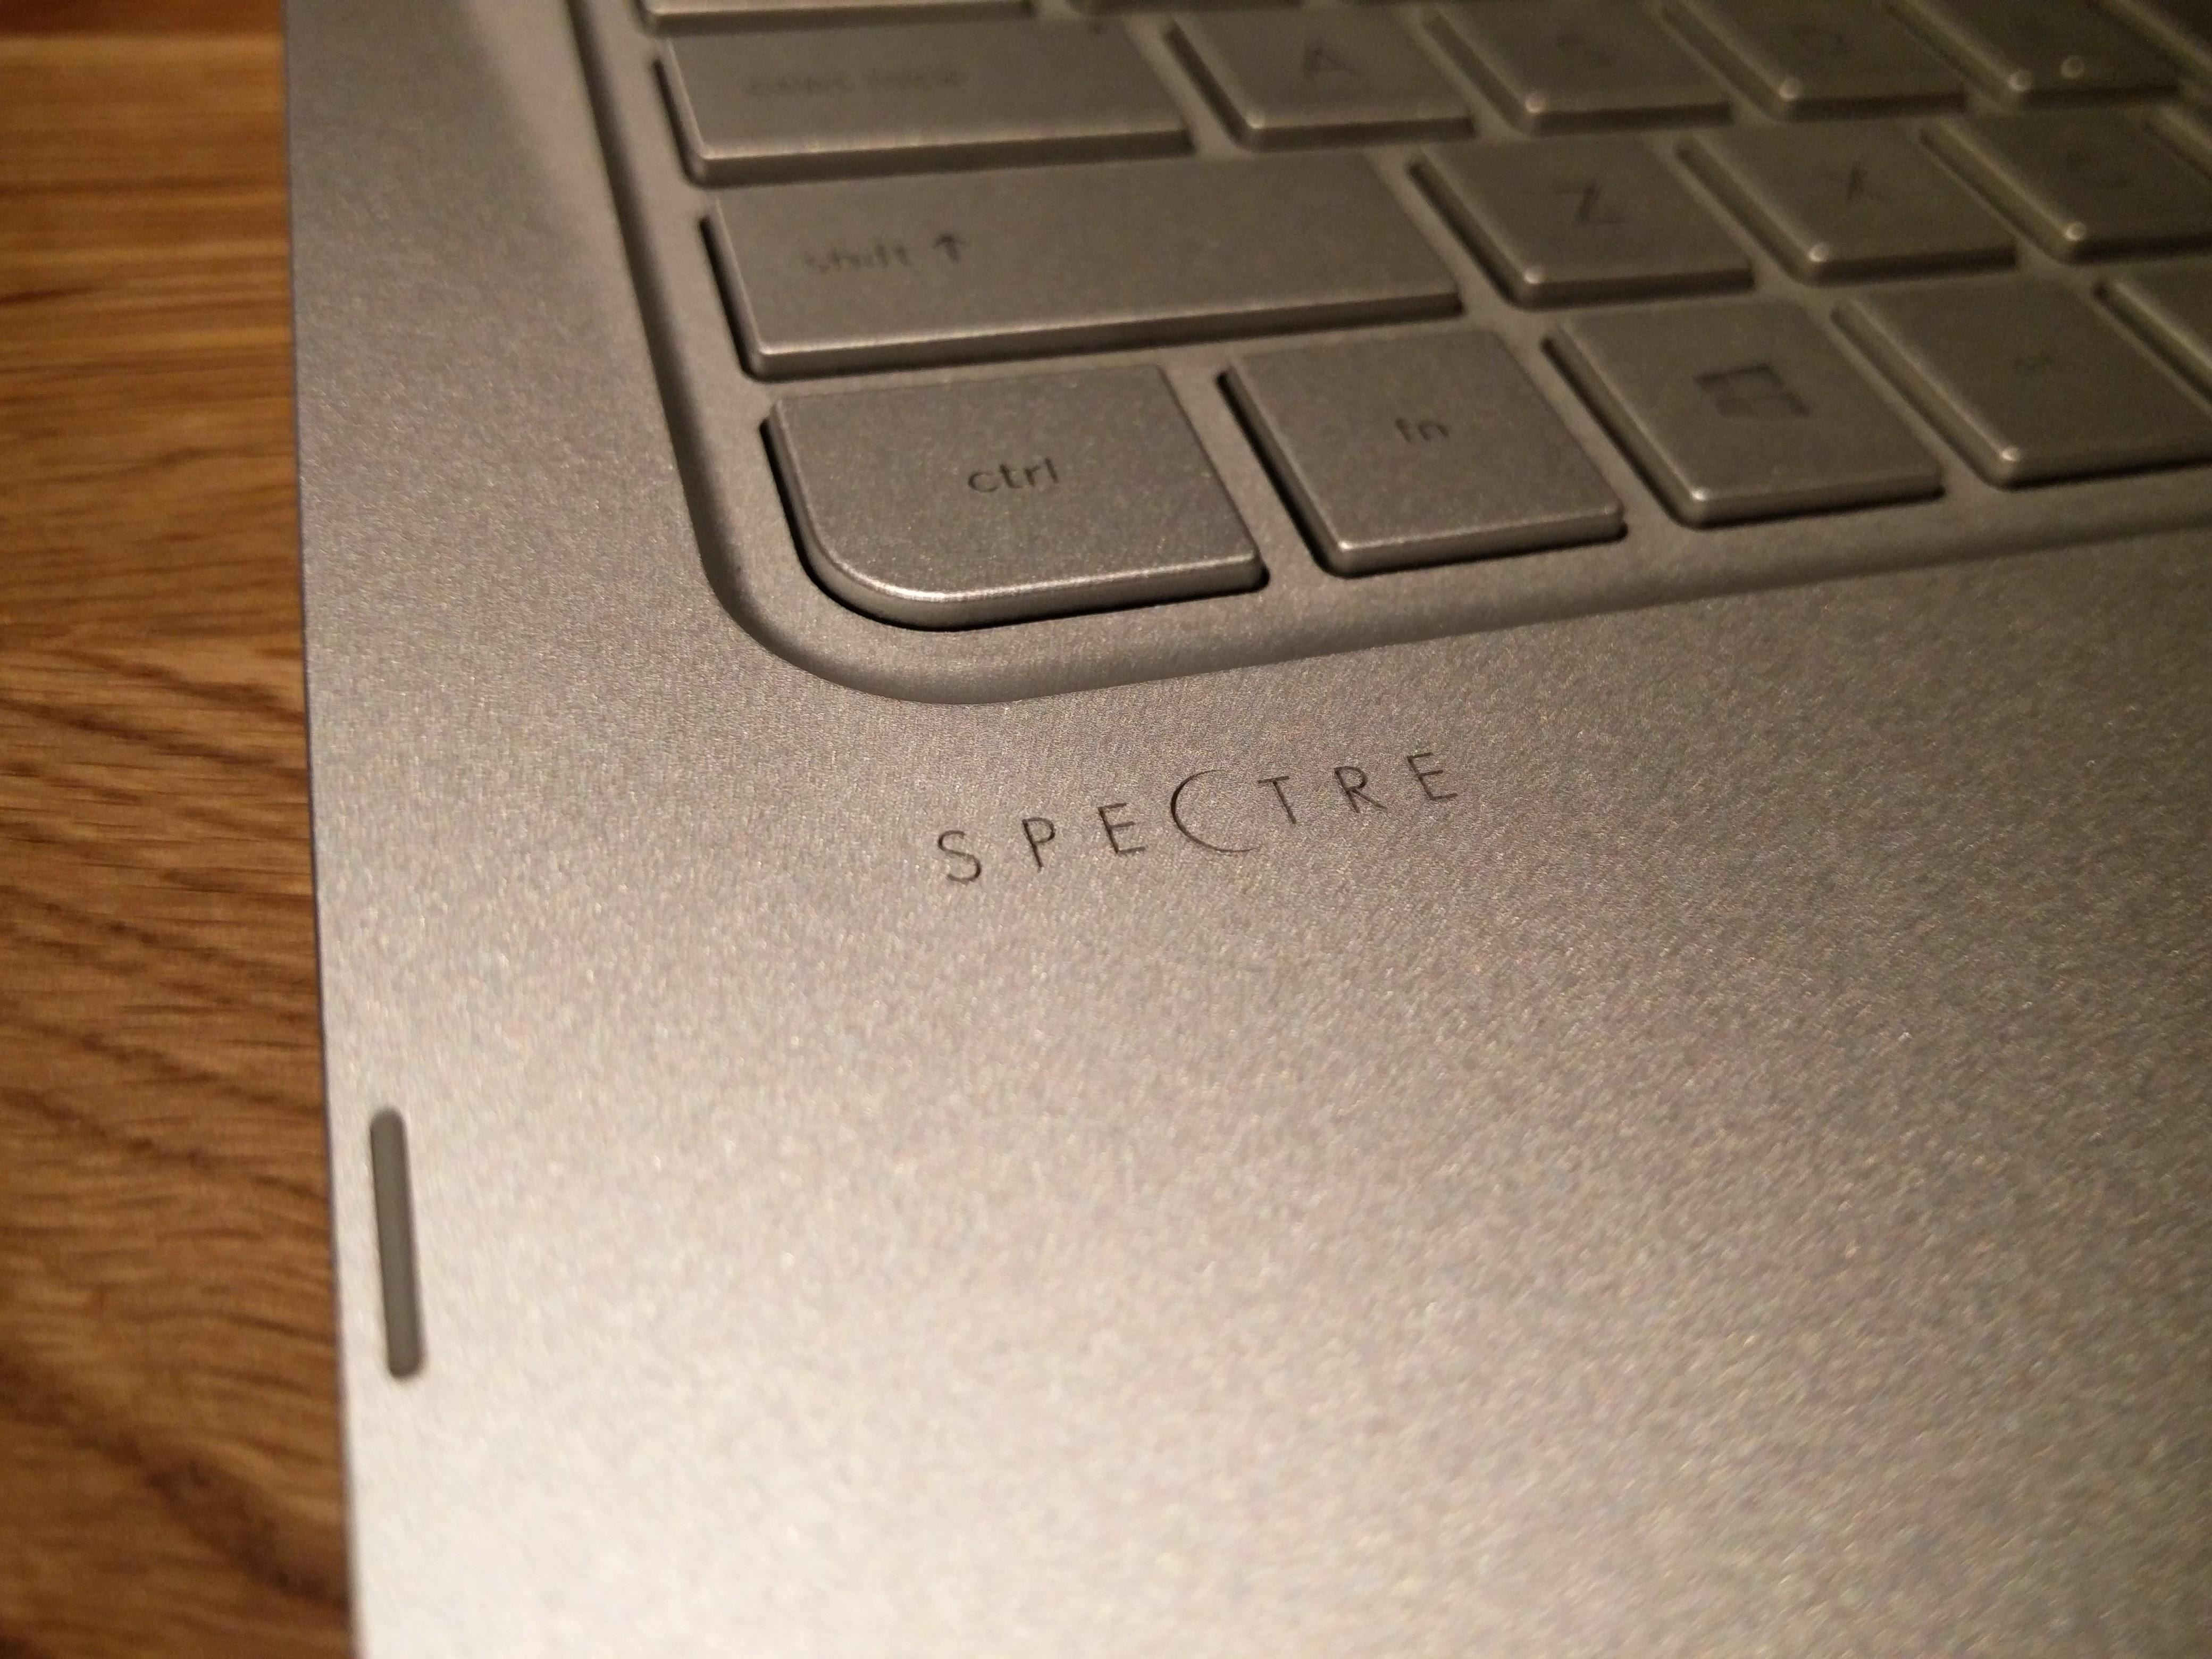 キーボード左下にはSpectreのロゴ。このロゴはあまりテンション上がらない。